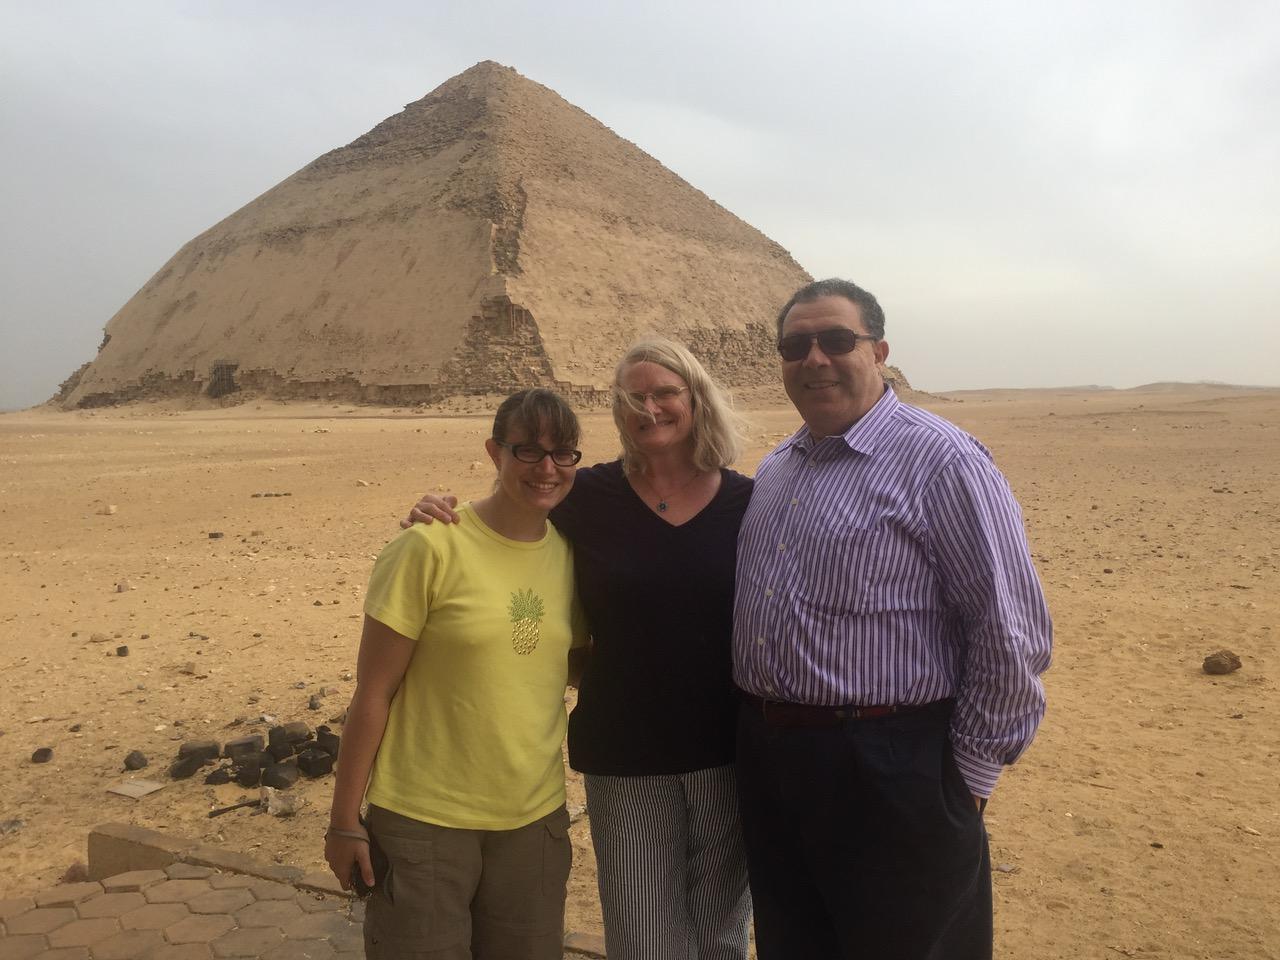 Karen, Nadia & Tharwat in Egypt